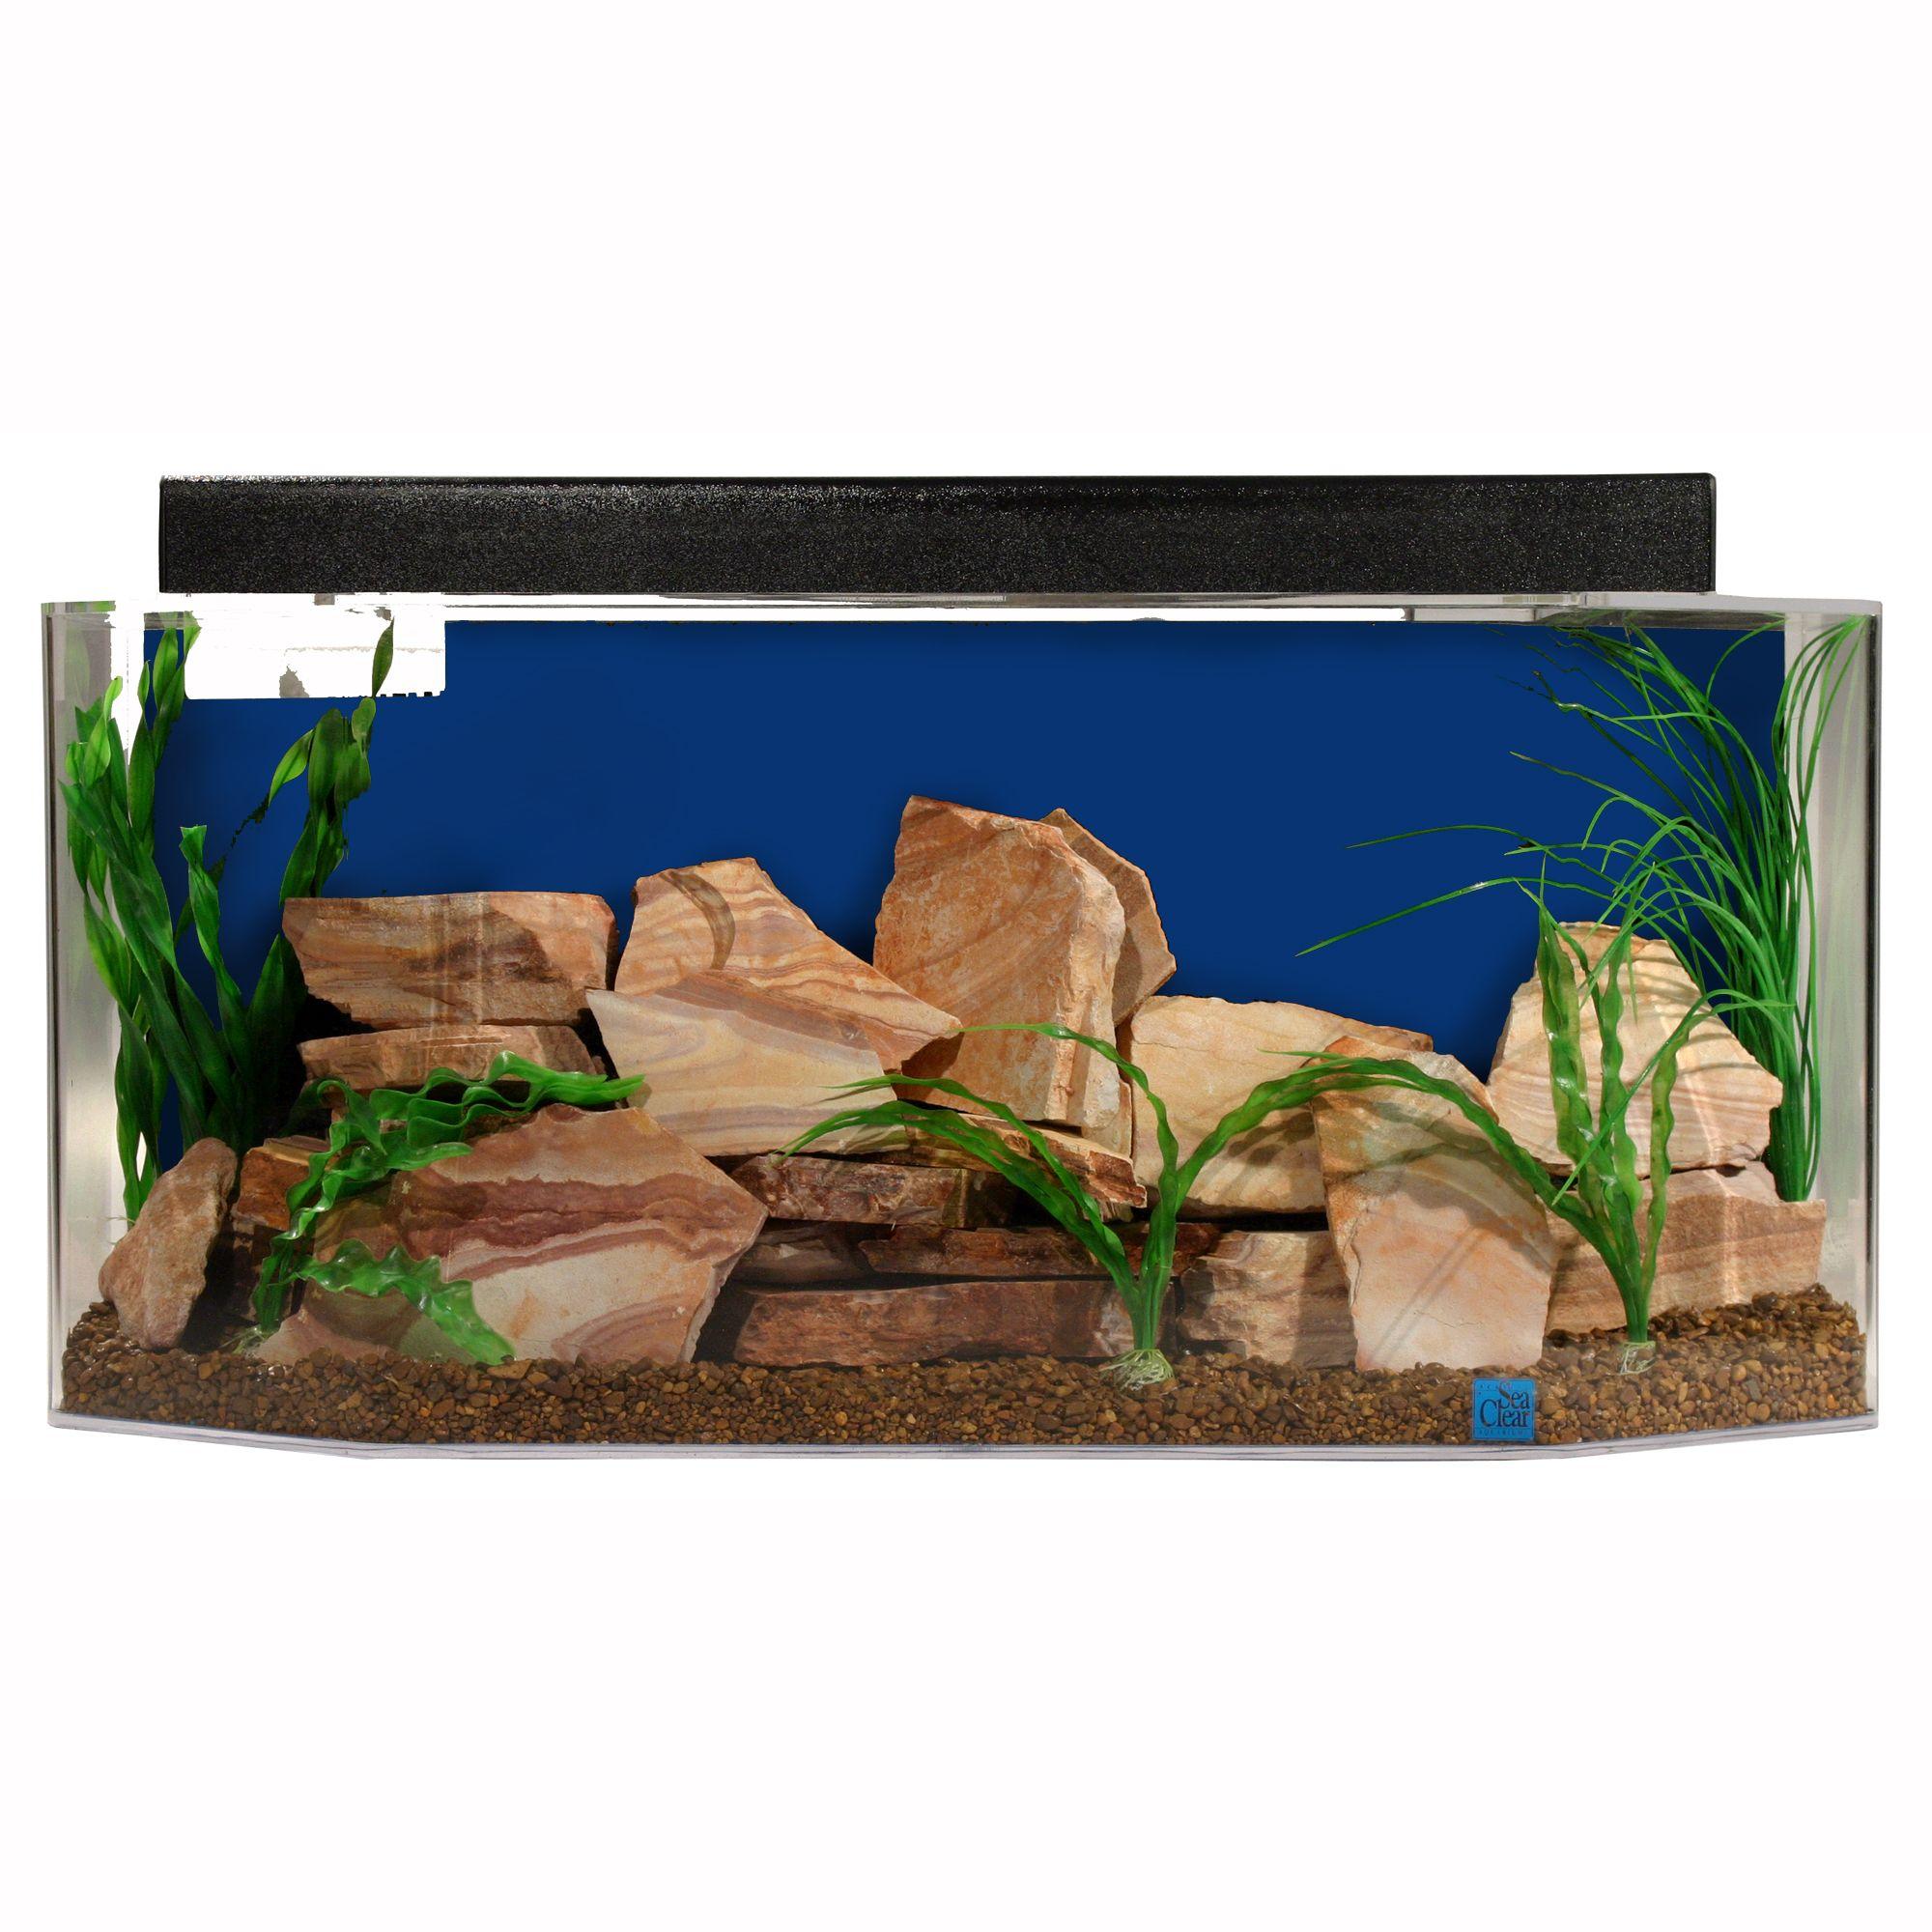 Seaclear 26 Gallon System Ll Hexagon Aquarium Size 26 Gal Cobalt Blue